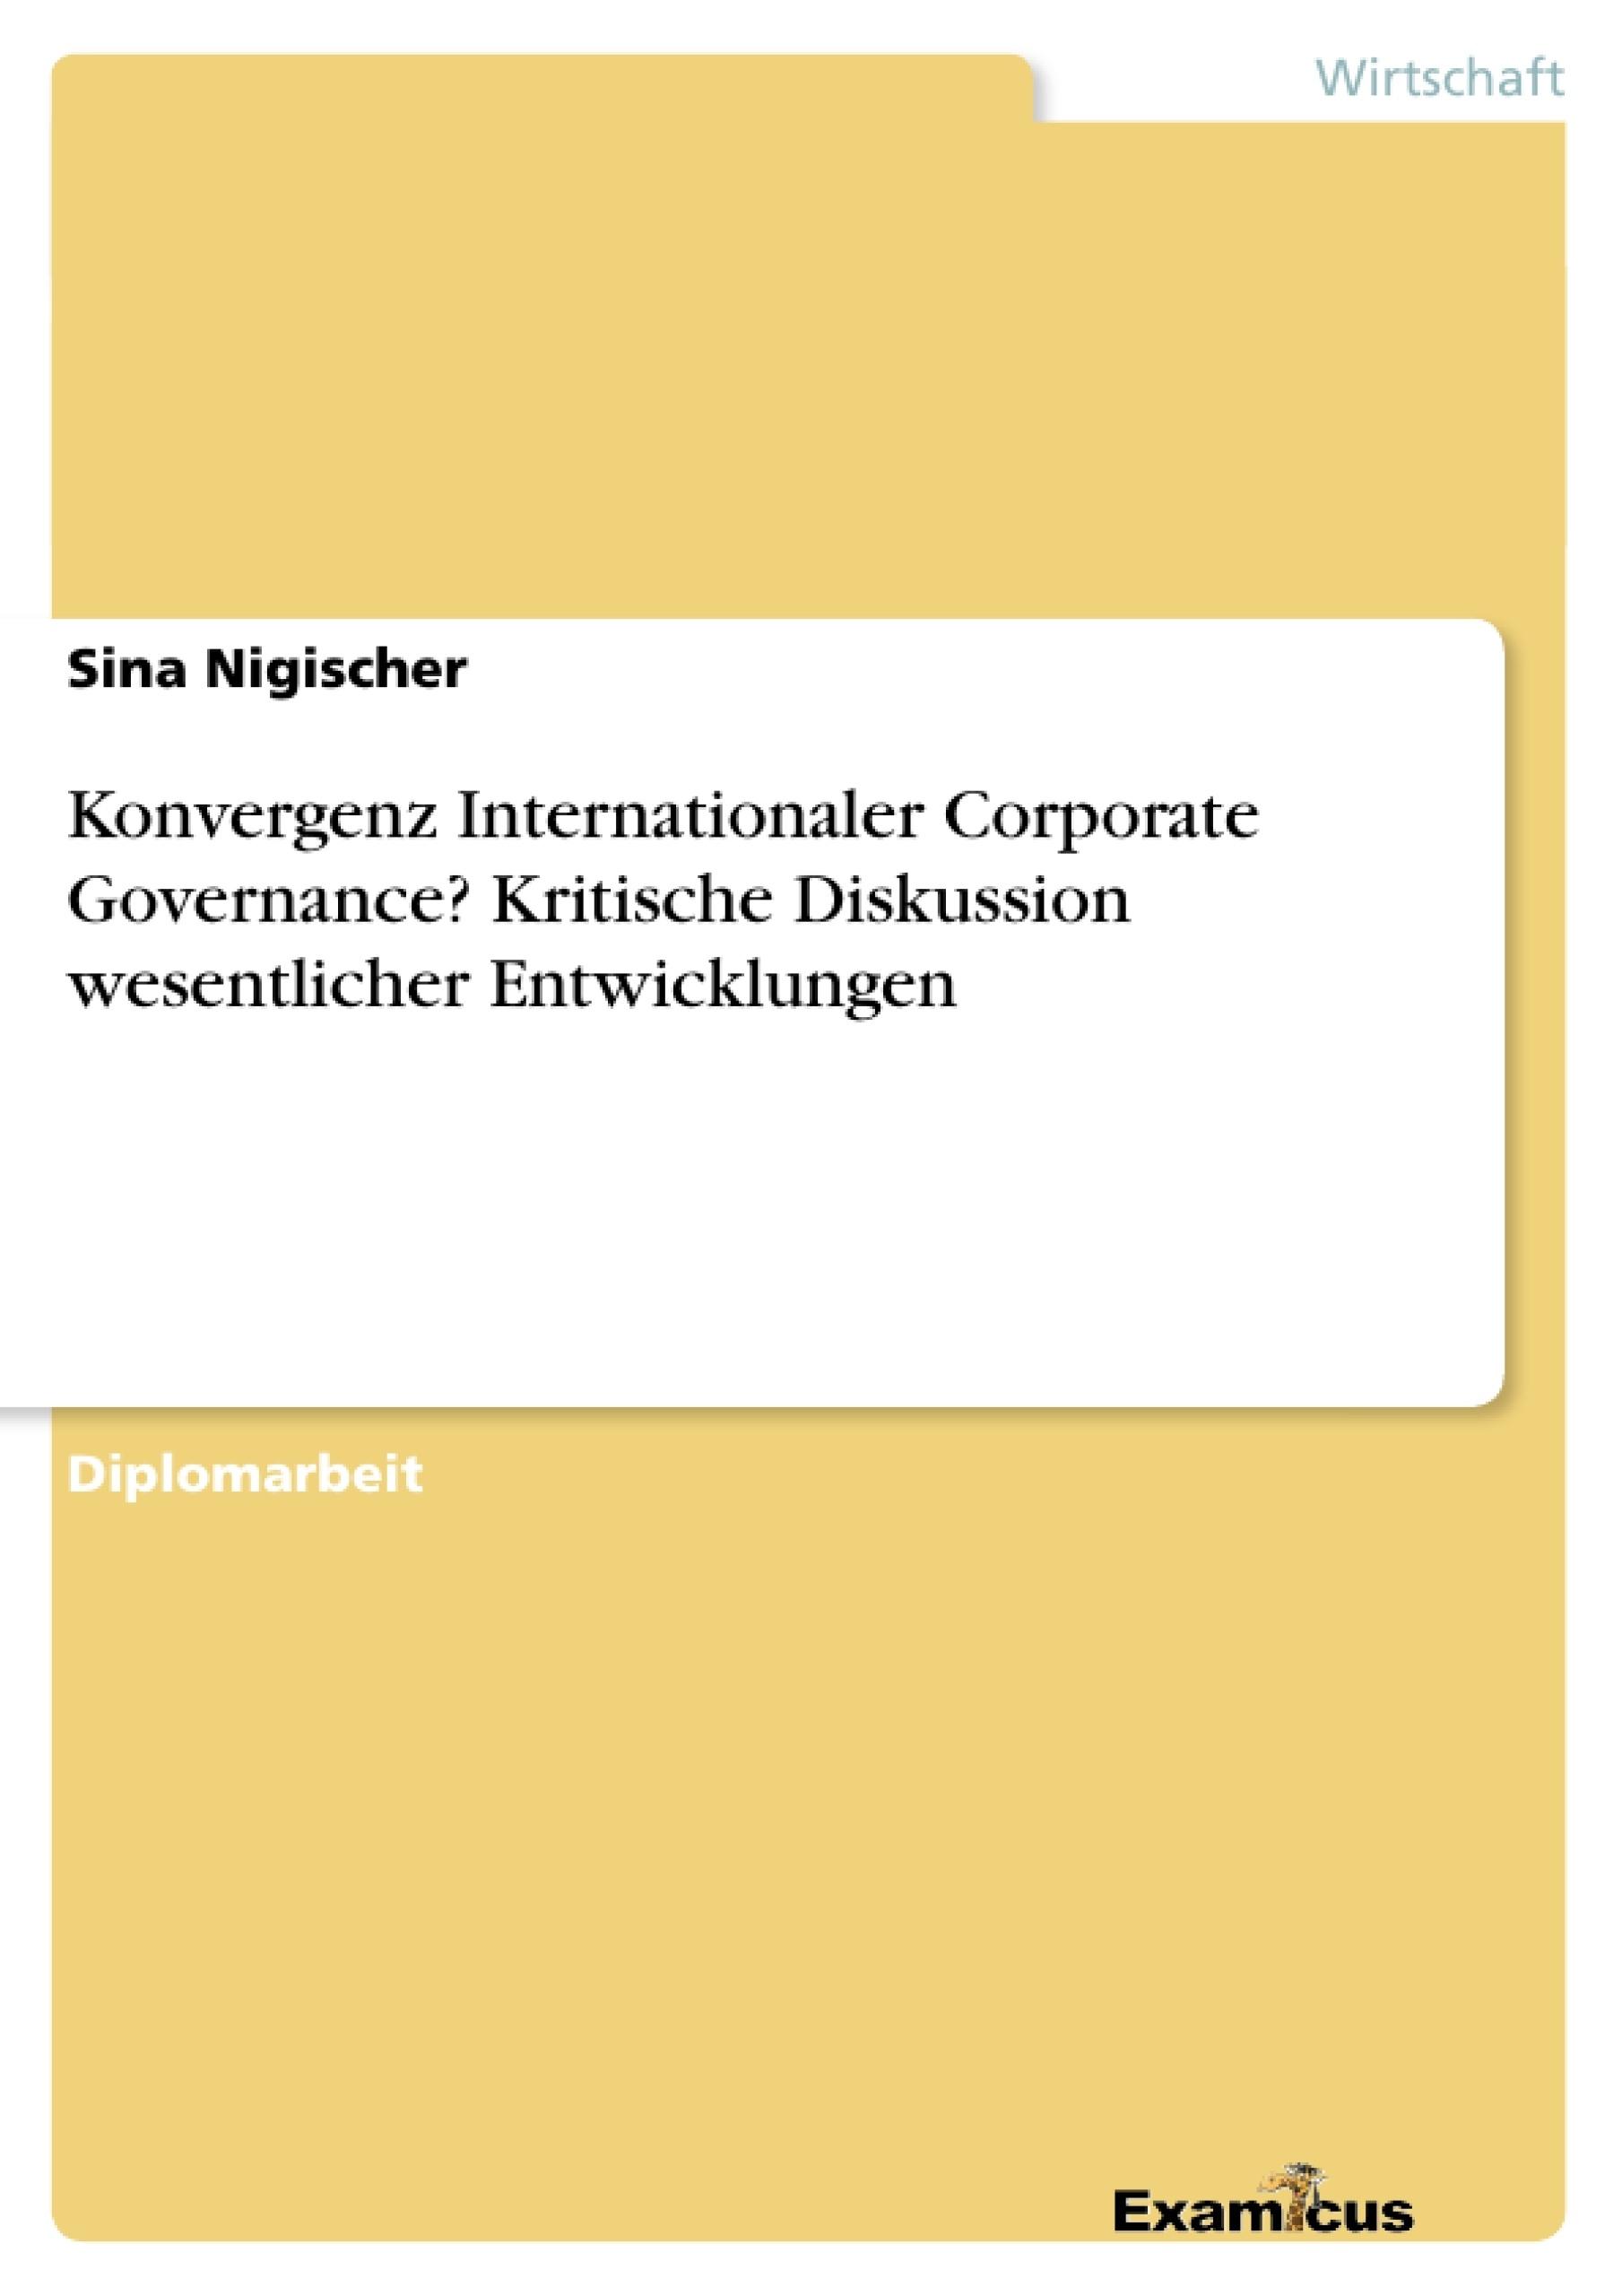 Titel: Konvergenz Internationaler Corporate Governance? Kritische Diskussion wesentlicher Entwicklungen